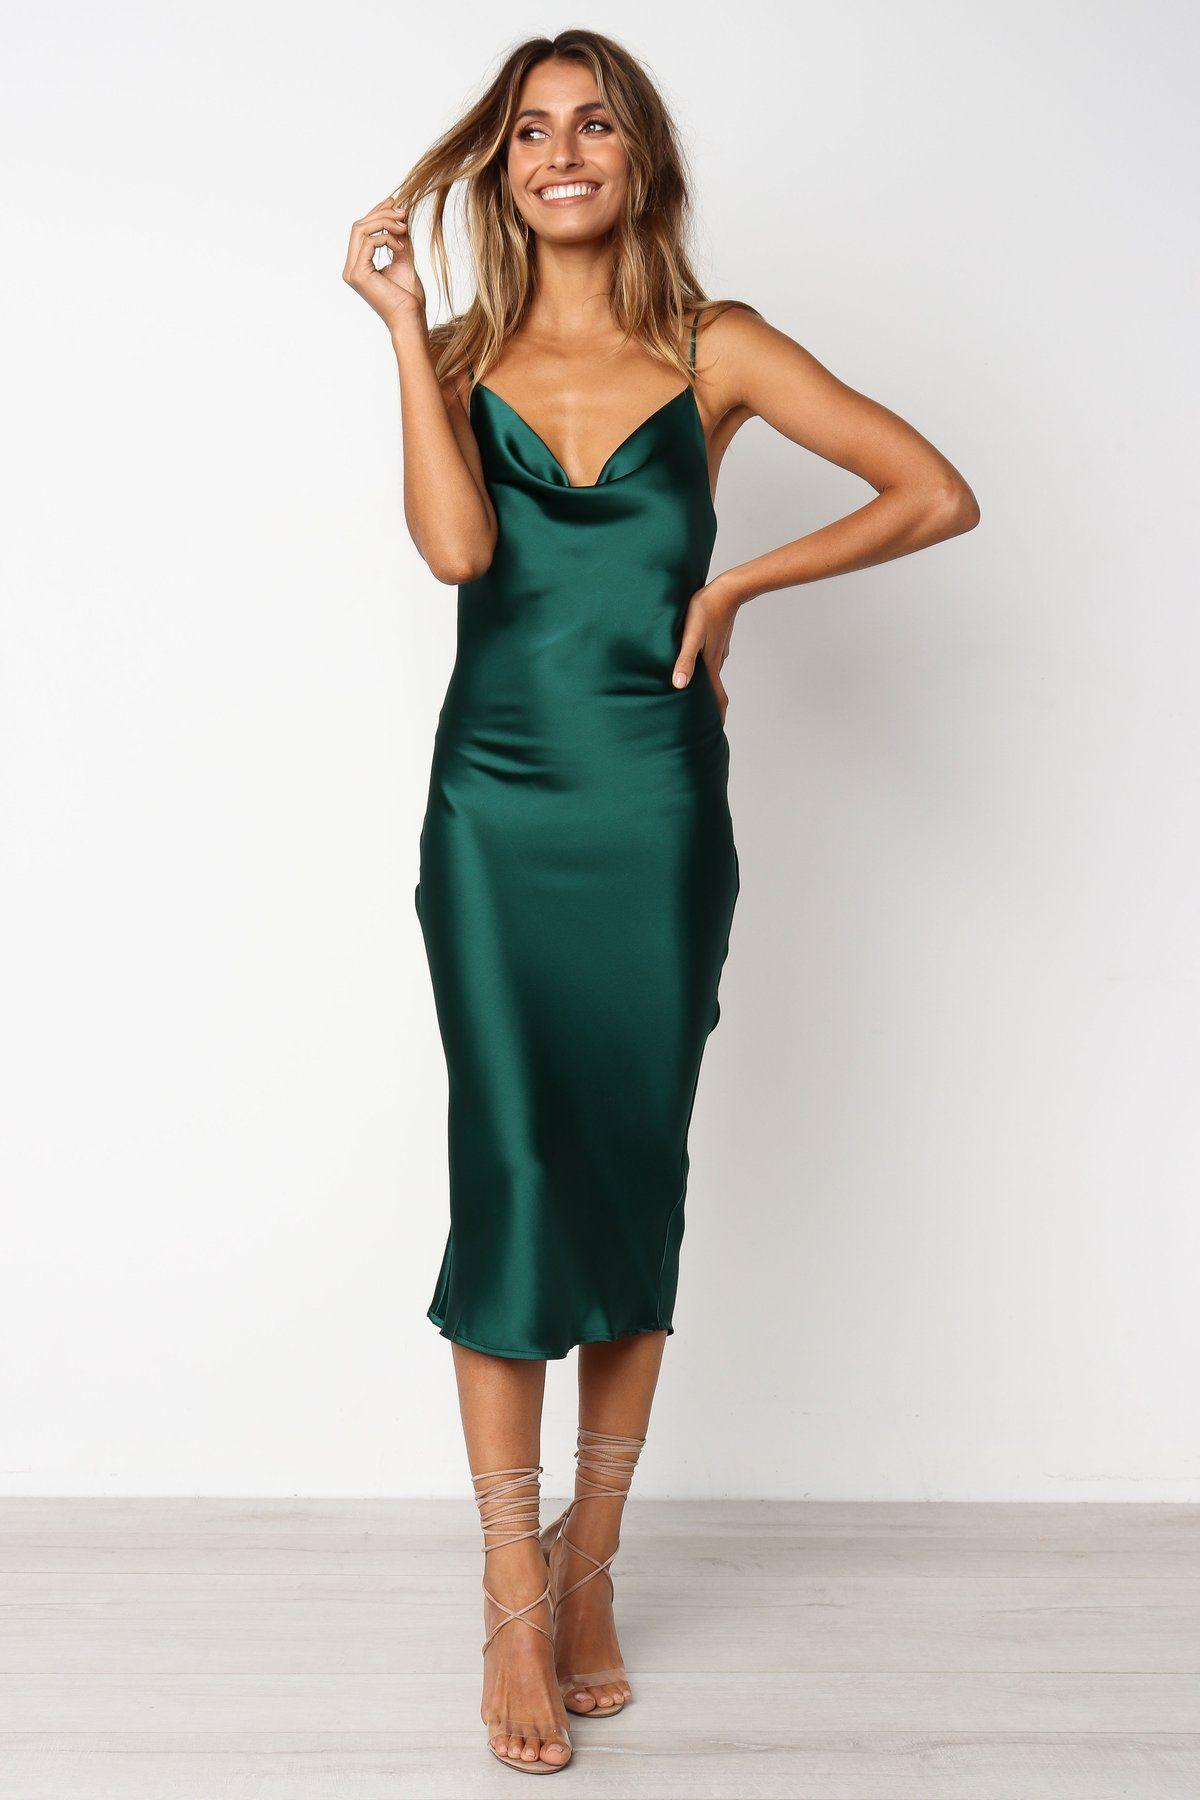 Persia Dress Green In 2020 Silk Bridesmaid Dresses Green Dress Green Silk Dresses